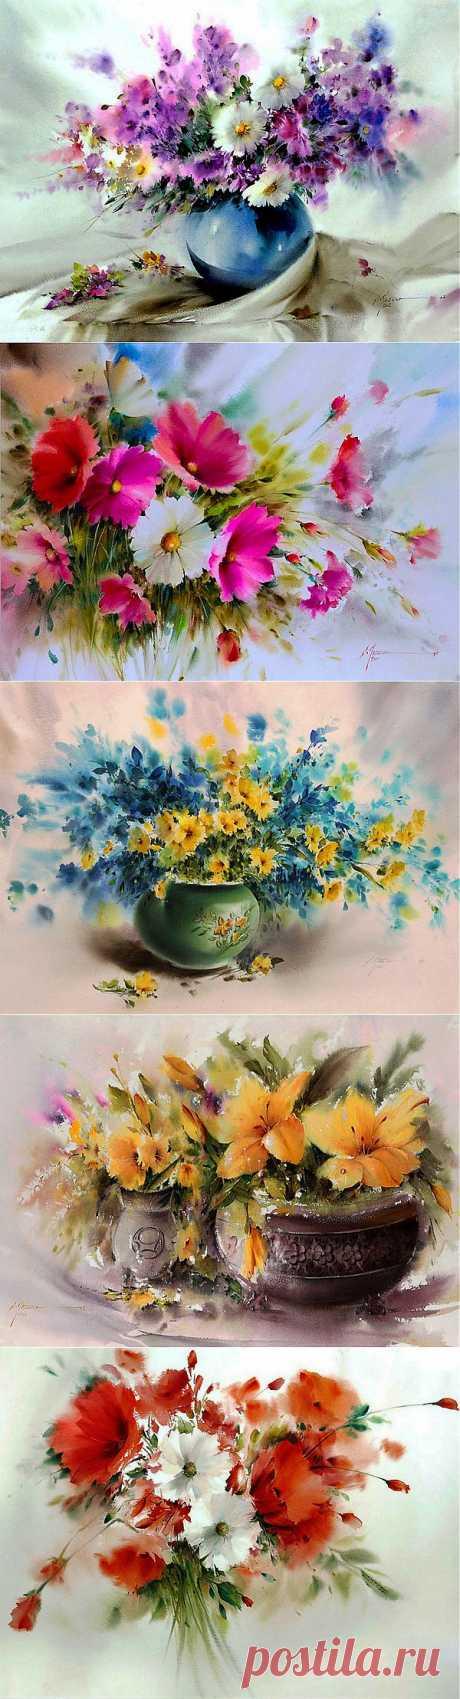 Пусть в Сердце распускаются Цветы...  Прекрасные акварели Mohammad Yazdchi.  С первым днем весны!